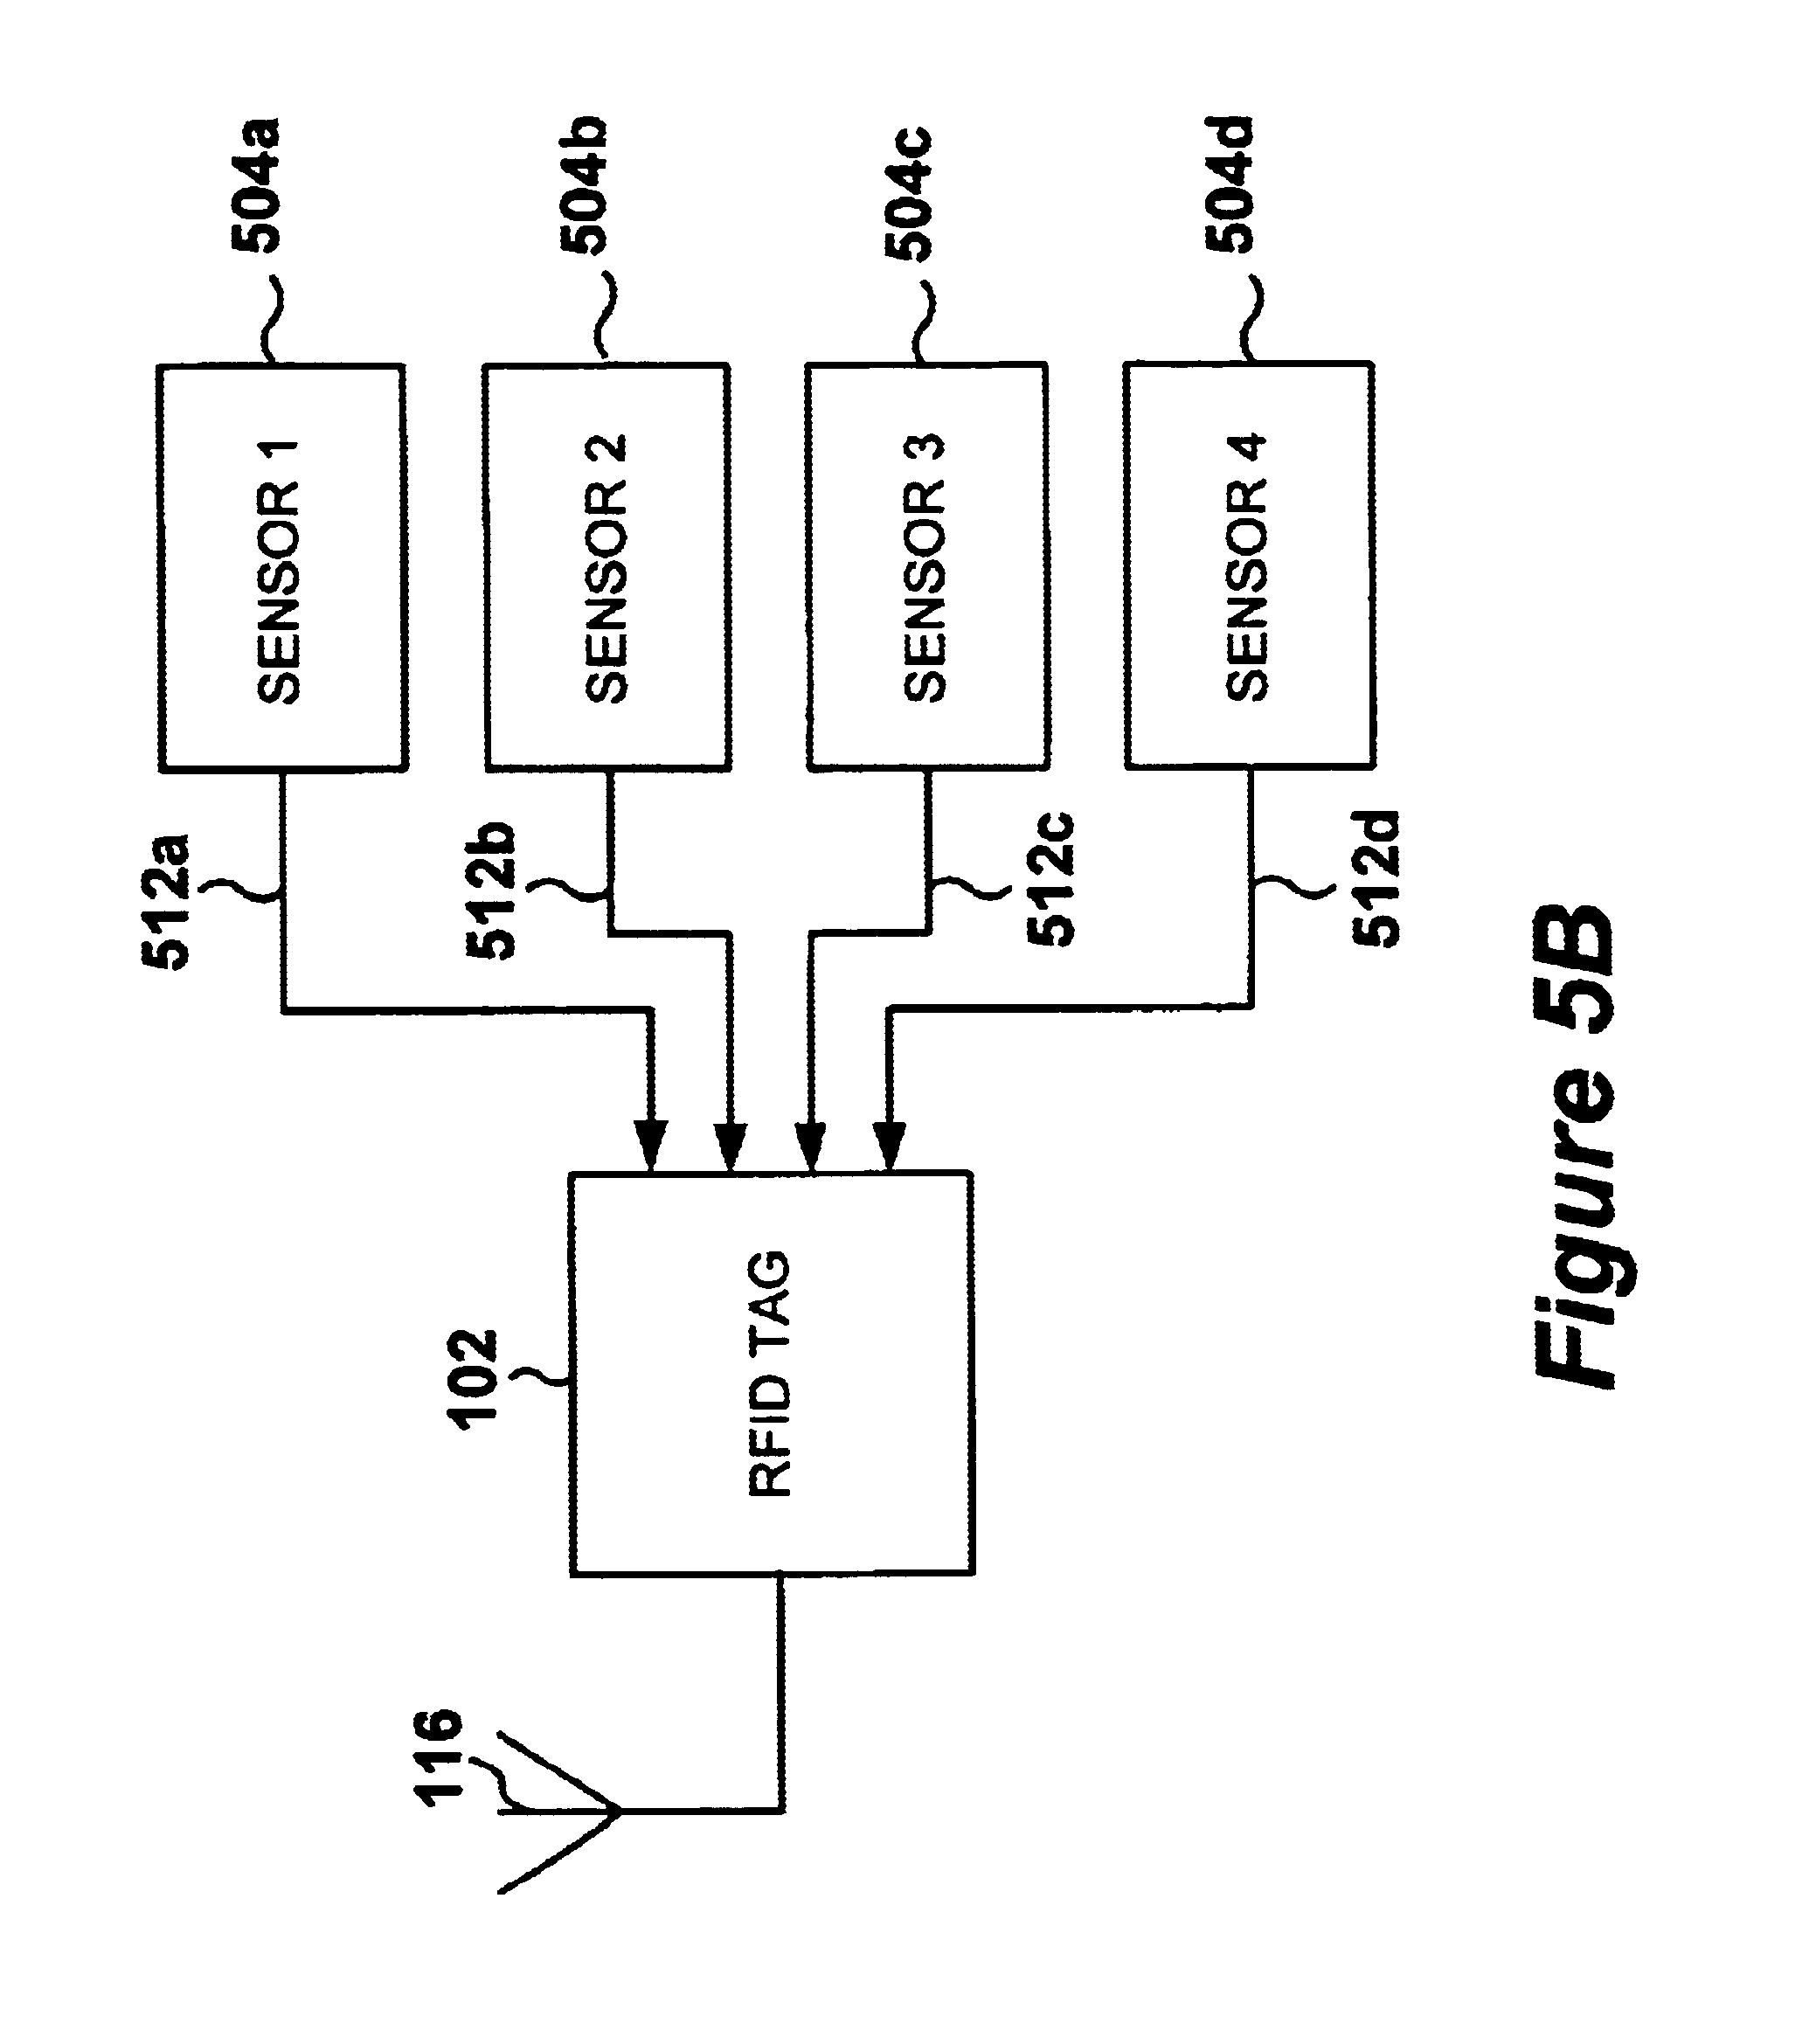 patent us6720866